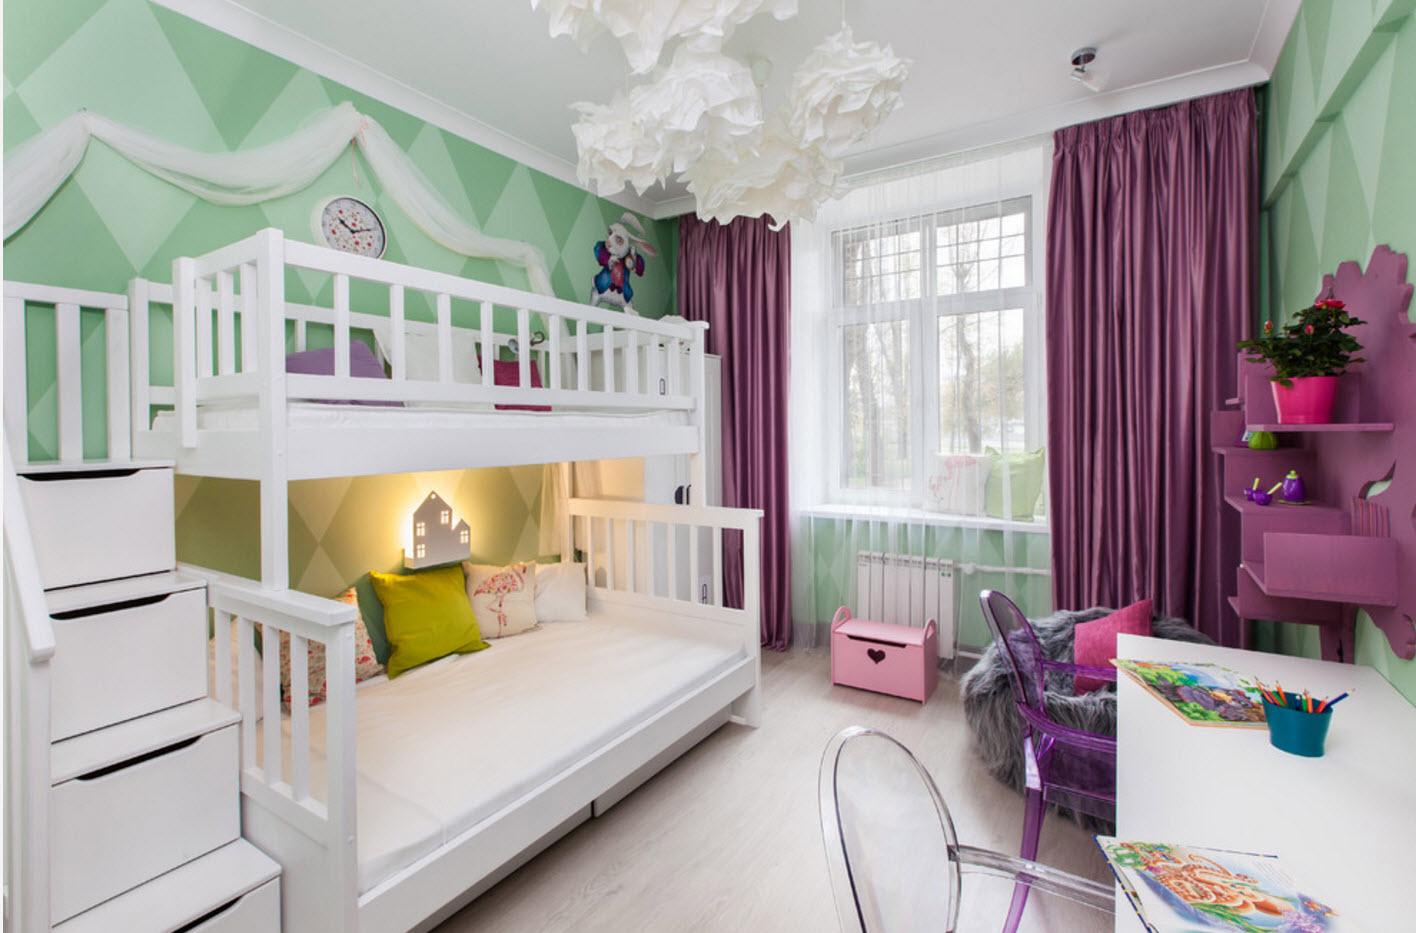 Белоснежная двухъярусная кровать